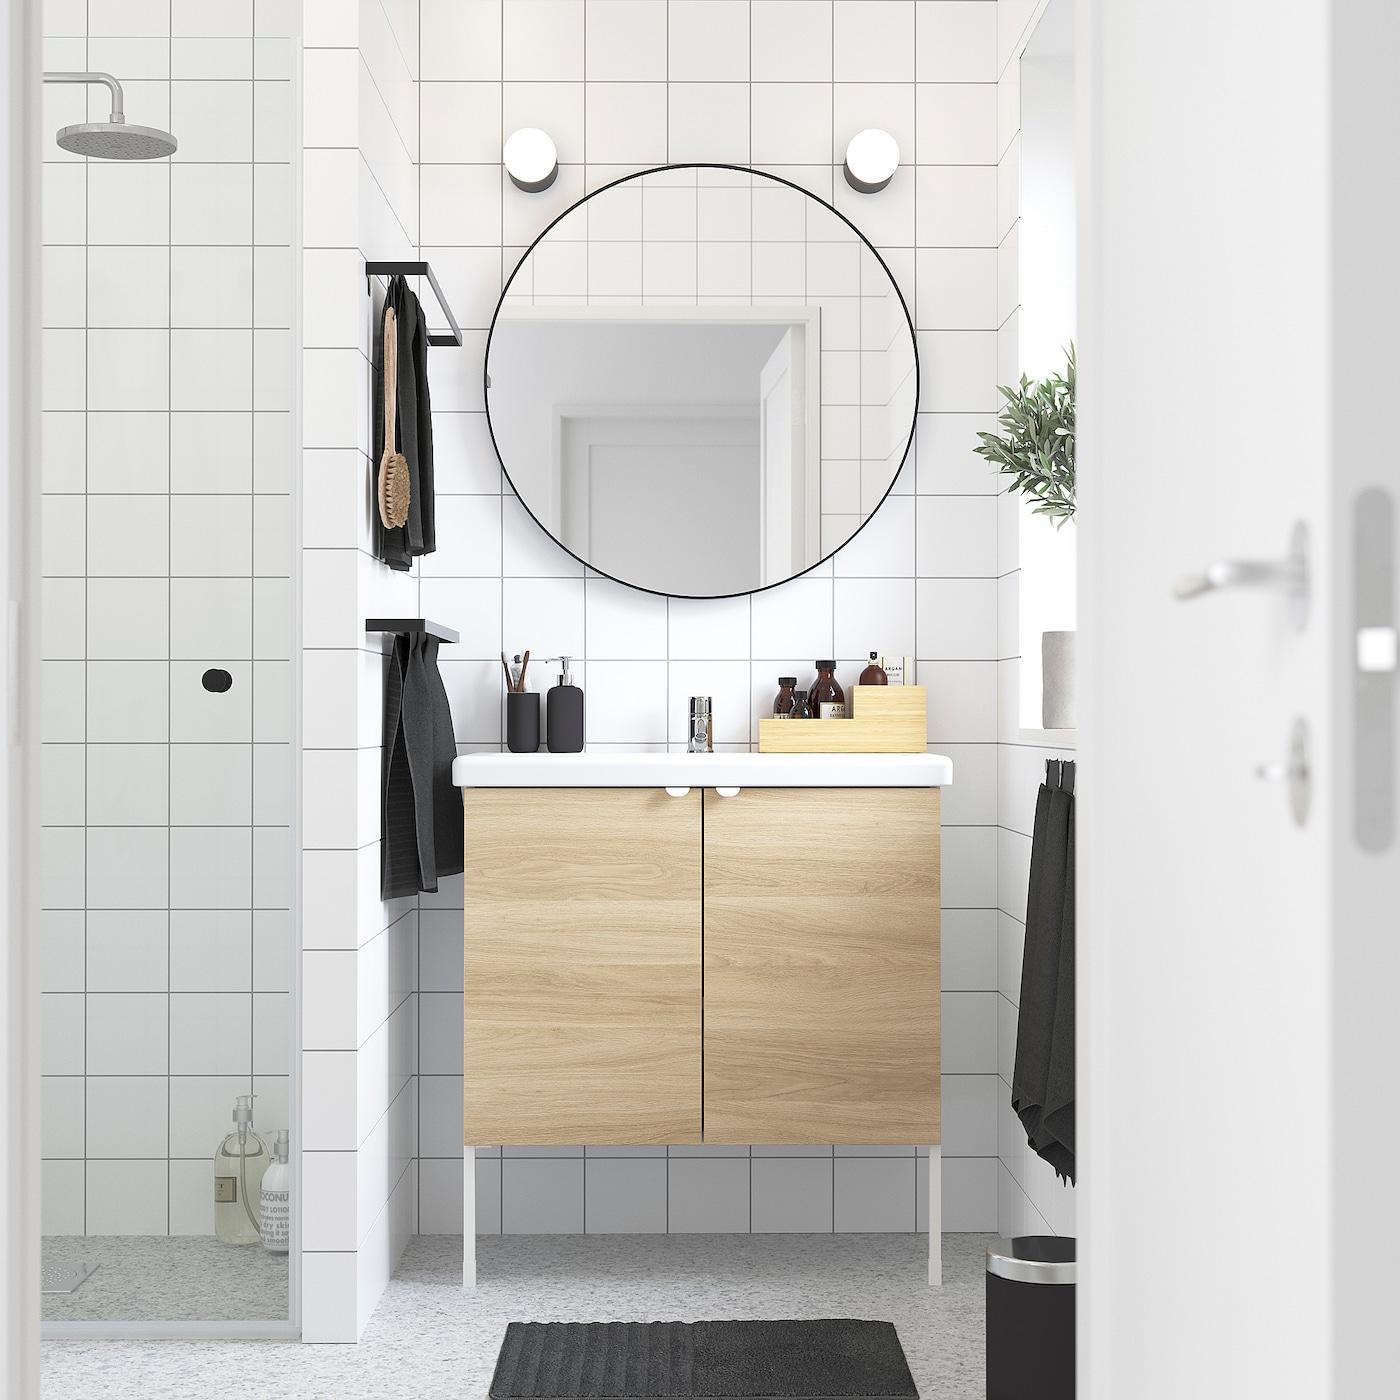 ENHET / TVÄLLEN Wash-basin cabinet with 2 doors, oak effect/white Pilkån tap, 84x43x87 cm